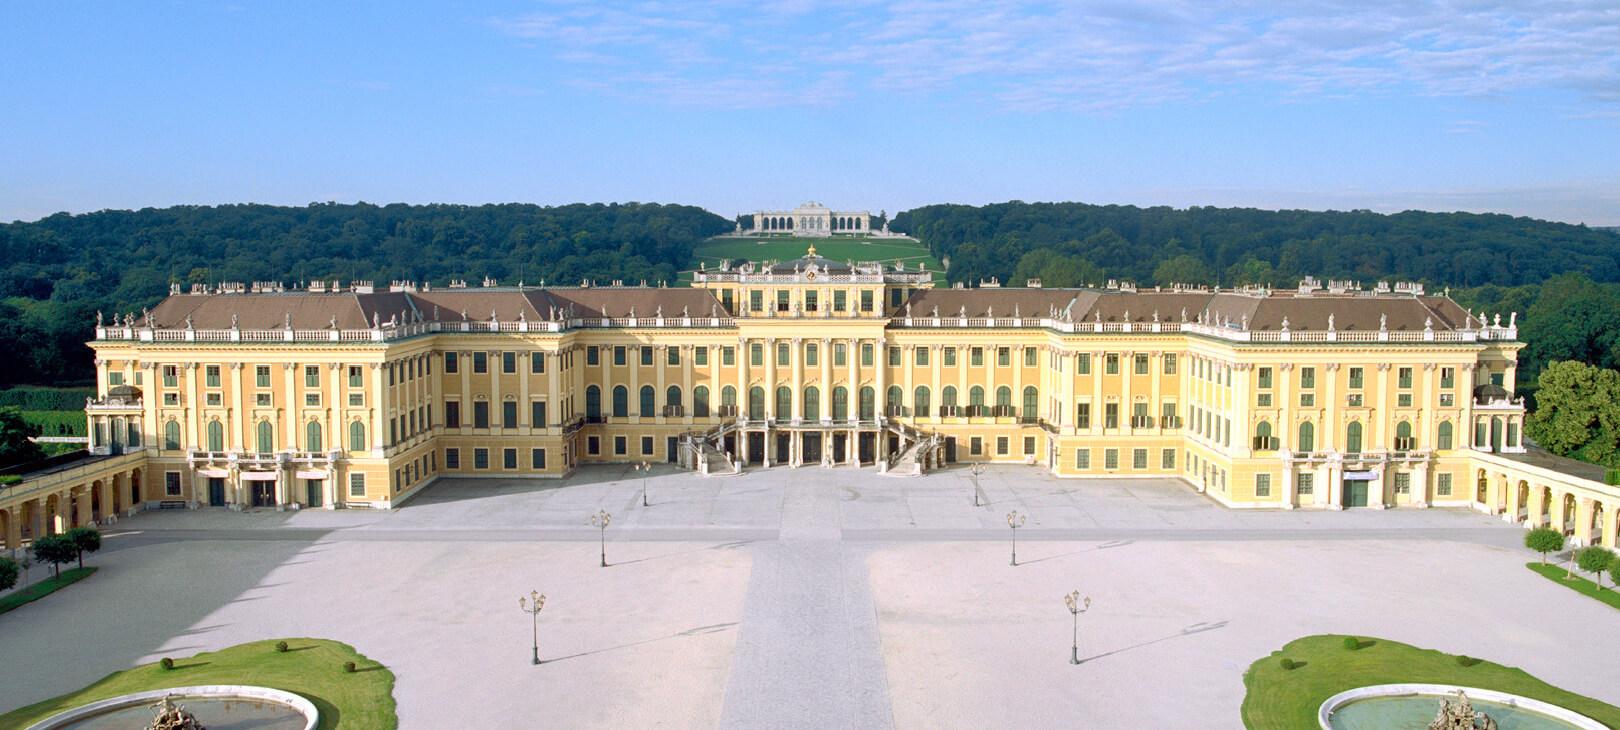 Outlandish blog traveling Vienna Austria Schönbrunn castle